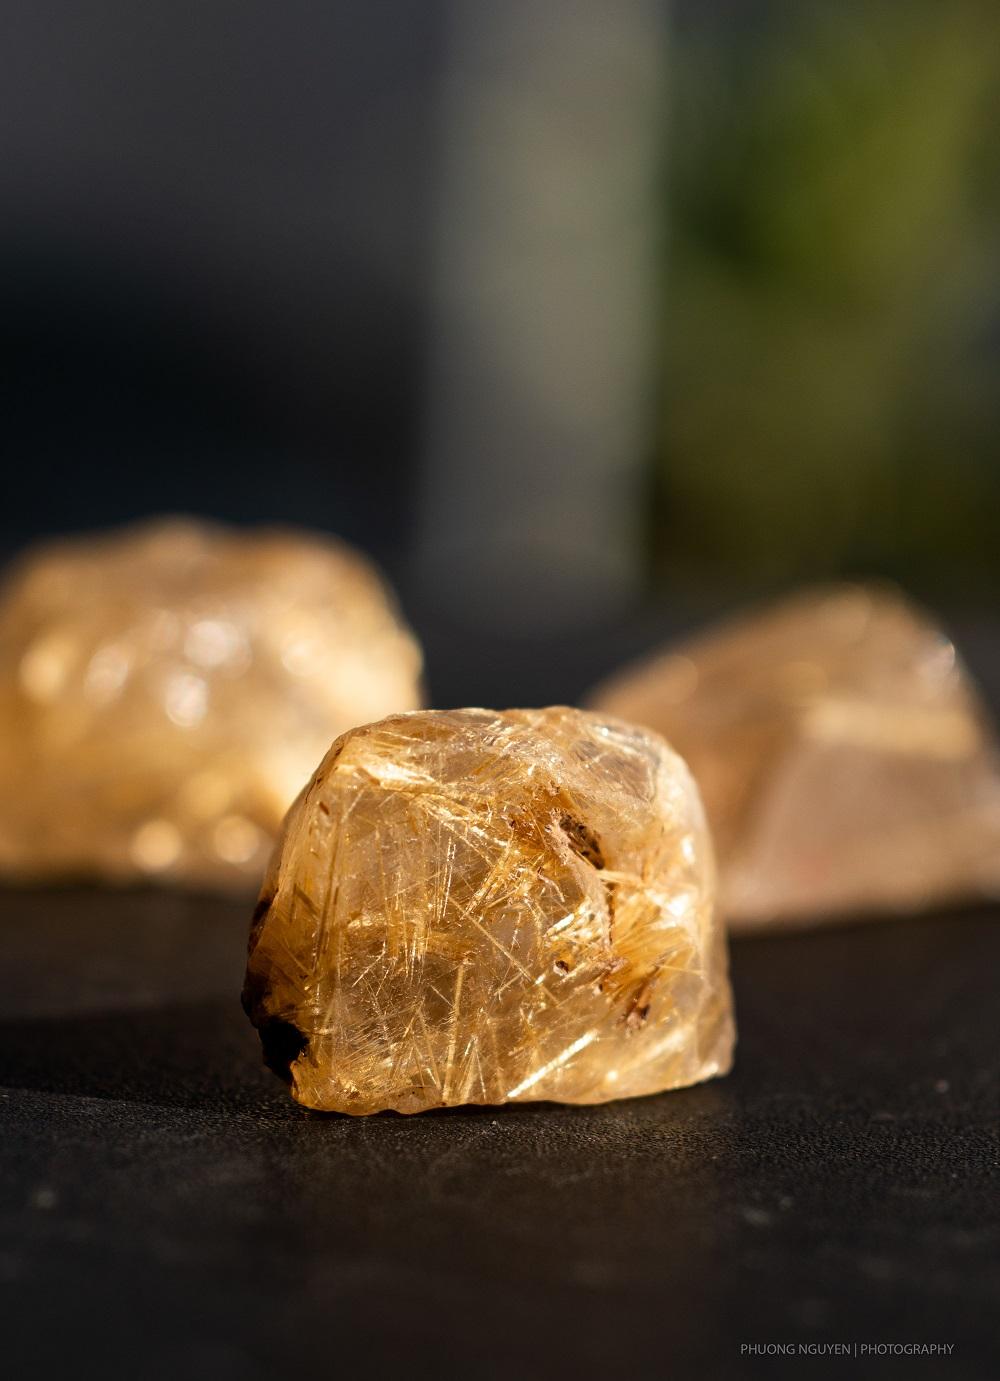 đá thạch anh tóc vàng thiên nhiên